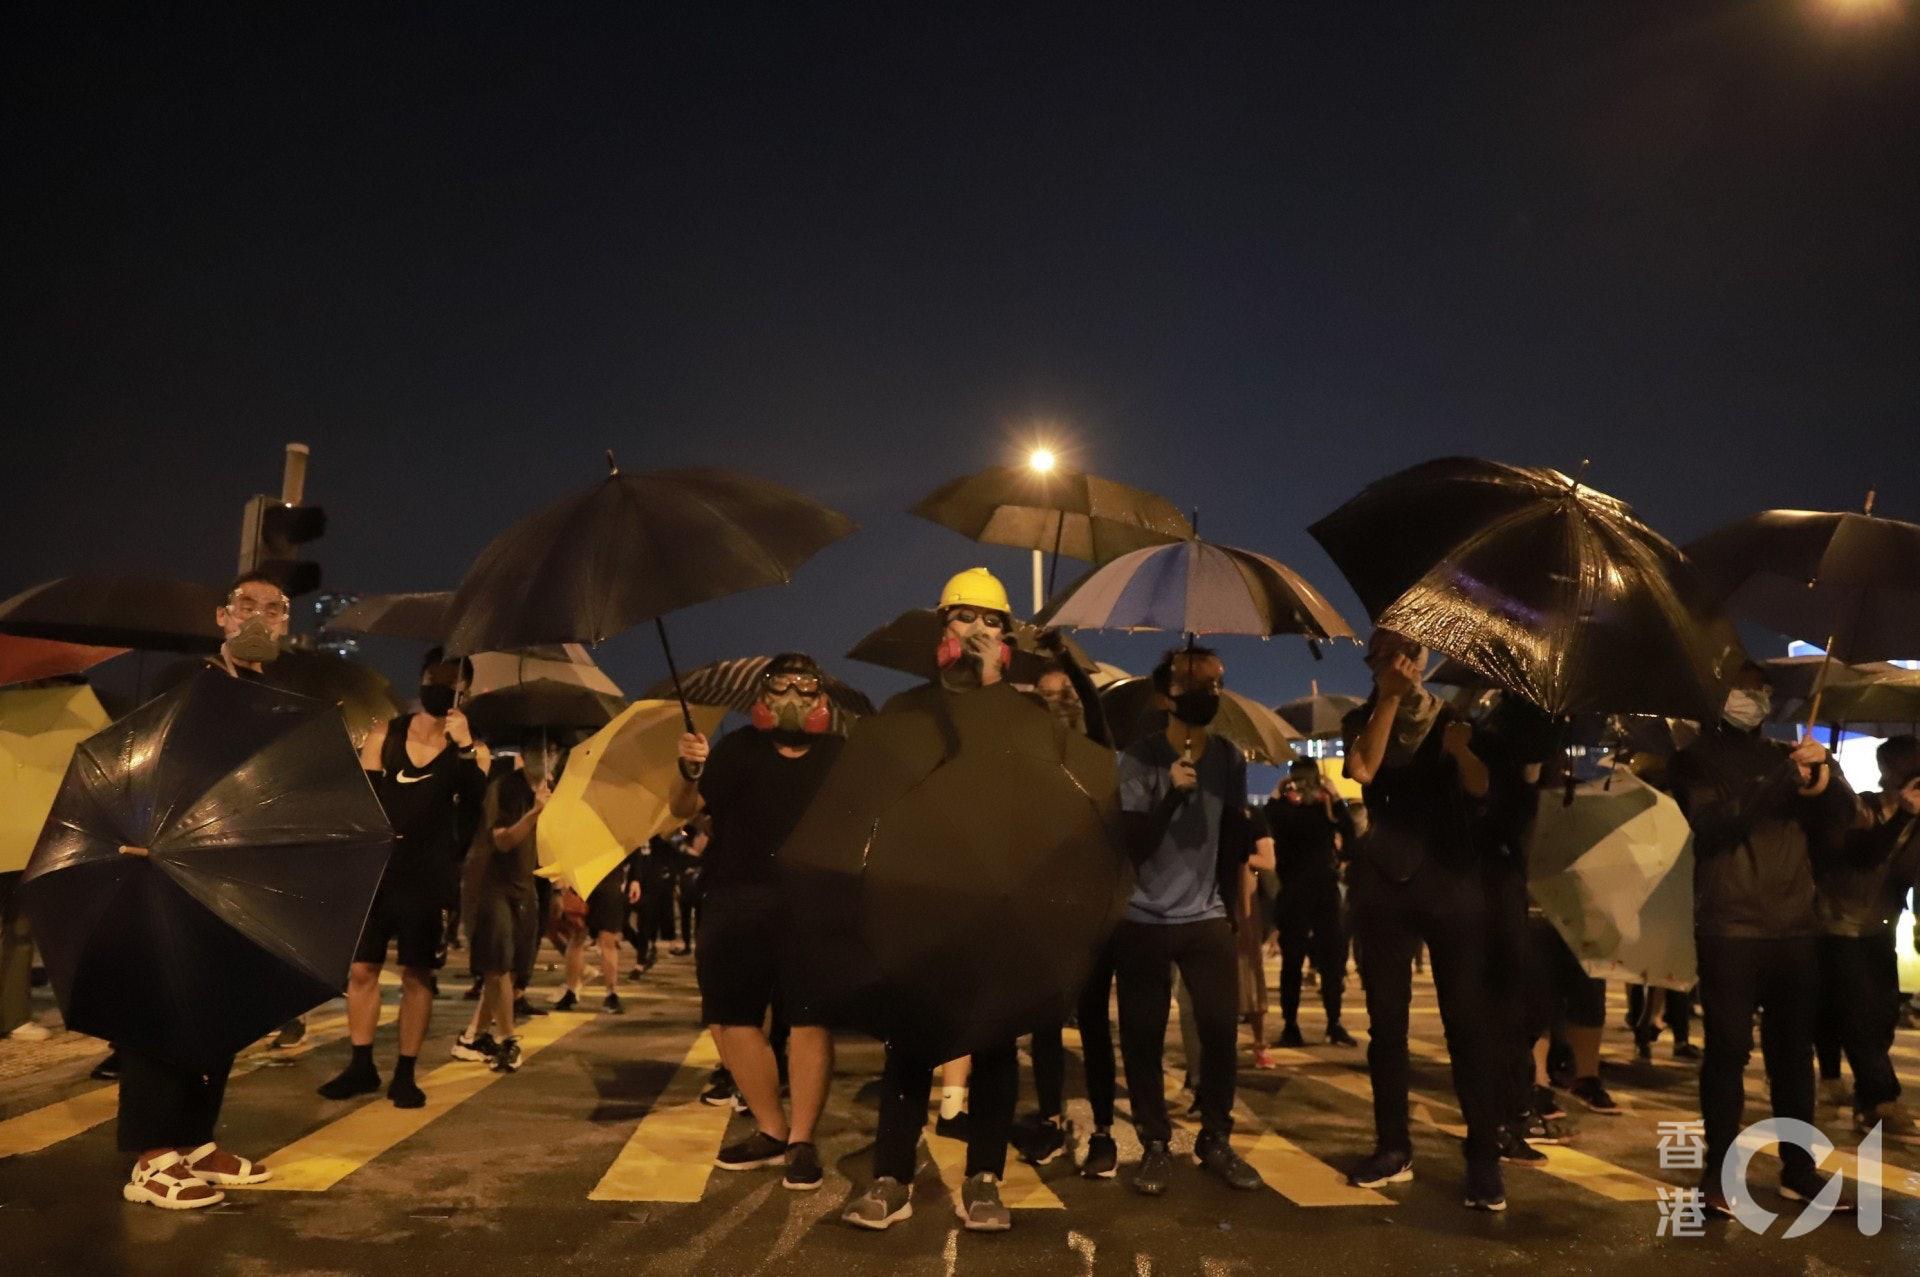 2019年9月28日傘運五周年,示威者再次舉行雨傘作盾。(羅國輝攝)